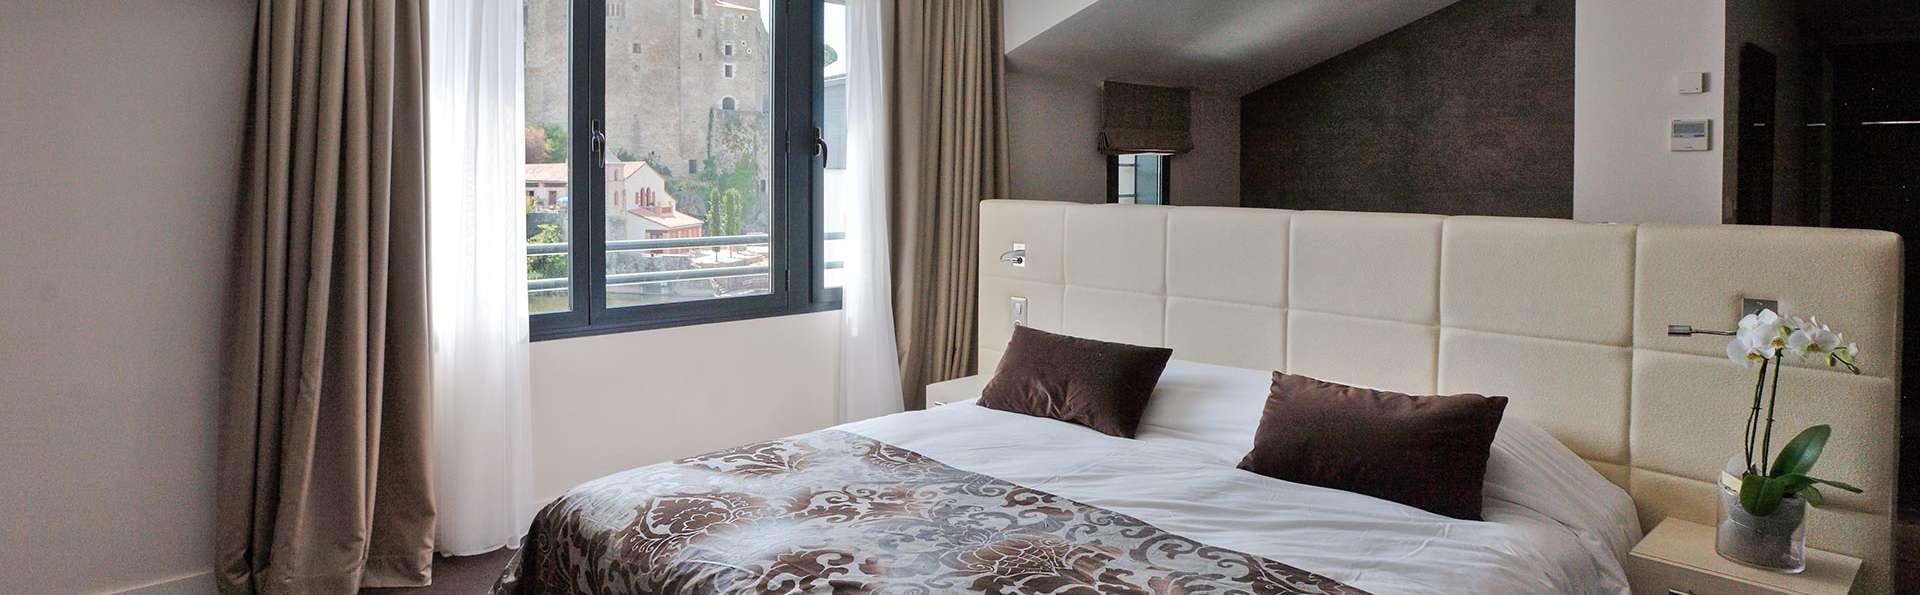 Best Western Plus Hôtel et Spa Villa Saint Antoine - edit_room67.jpg